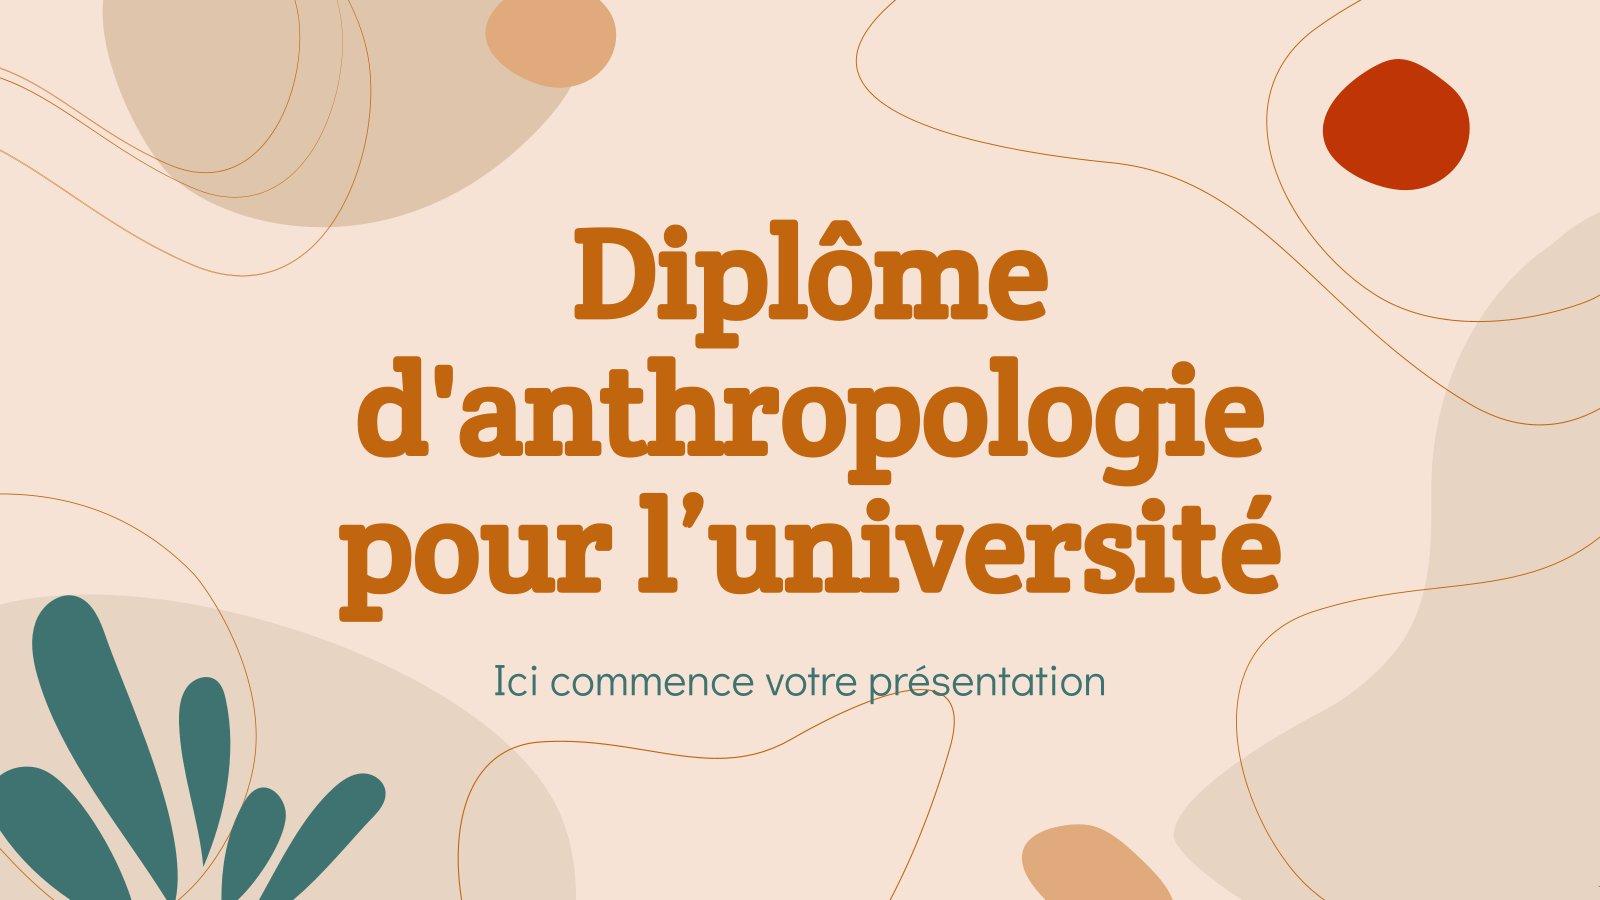 Plantilla de presentación Diplôme d'anthropologie pour l'université